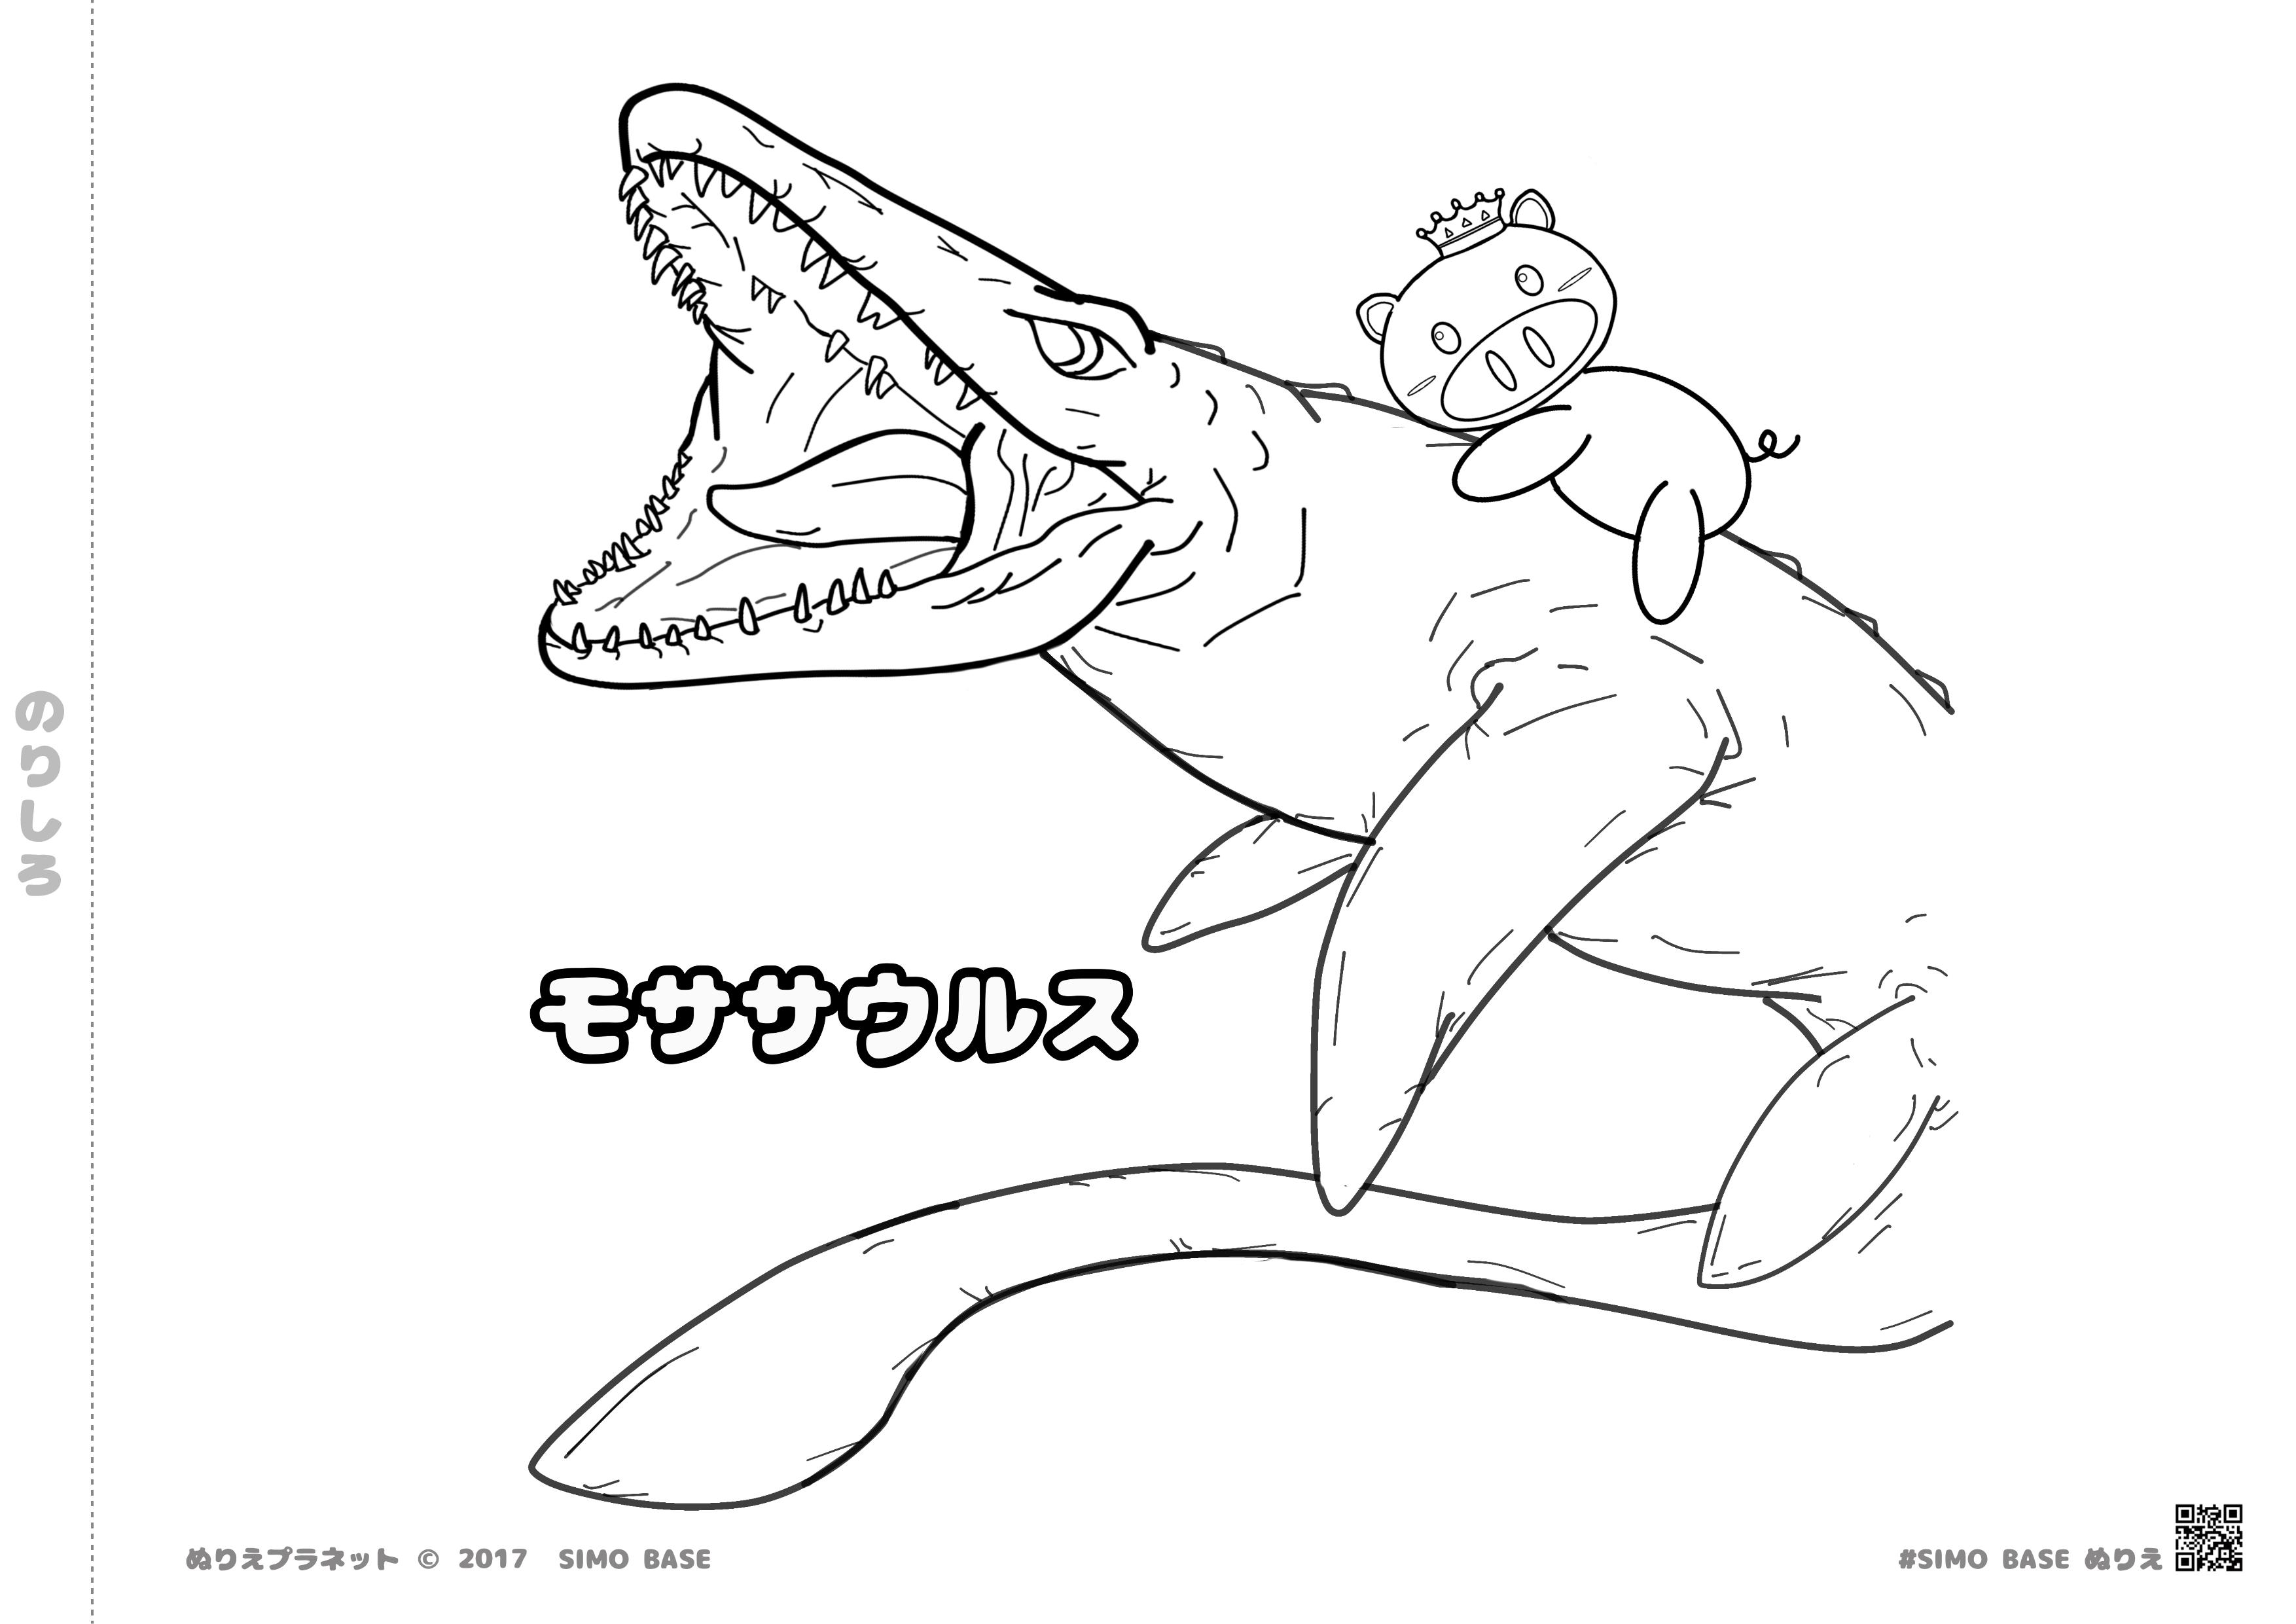 恐竜モササウルスにのるブタさんのぬりえです。